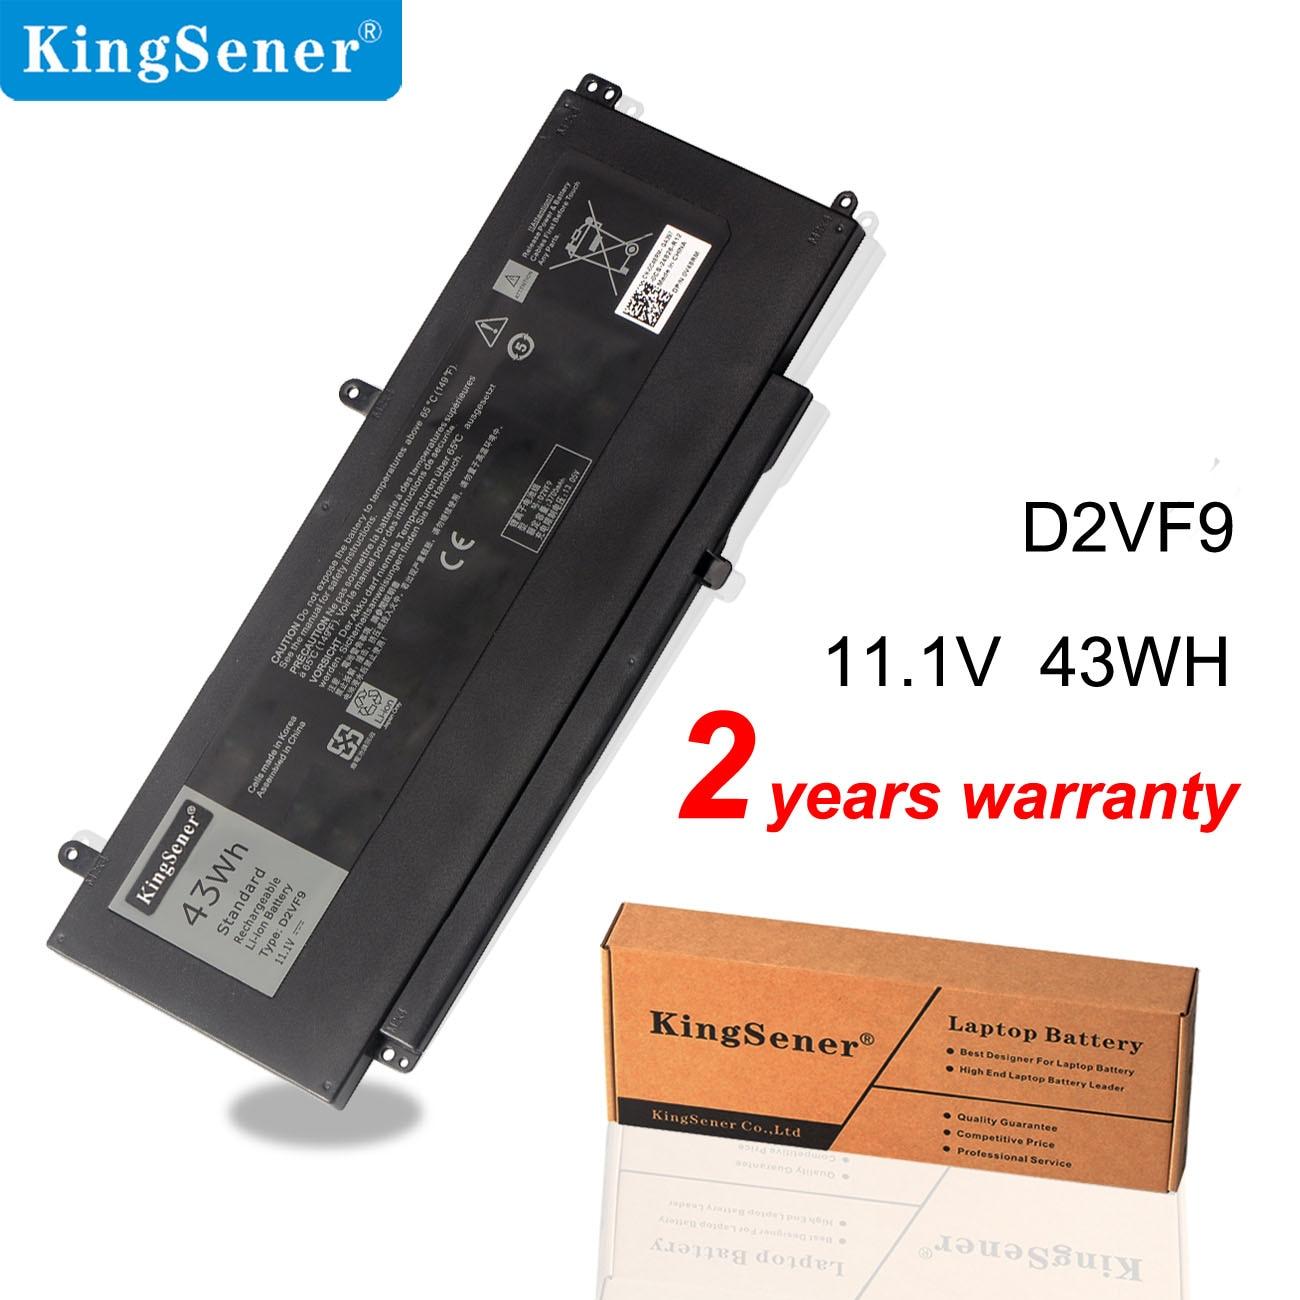 KingSener D2VF9 Laptop Battery For Dell Inspiron 15 7547 7548  For Vostro 14 5000 5459 0PXR51 0YGR2V P41F P68G 4P8PH PXR51 43WH